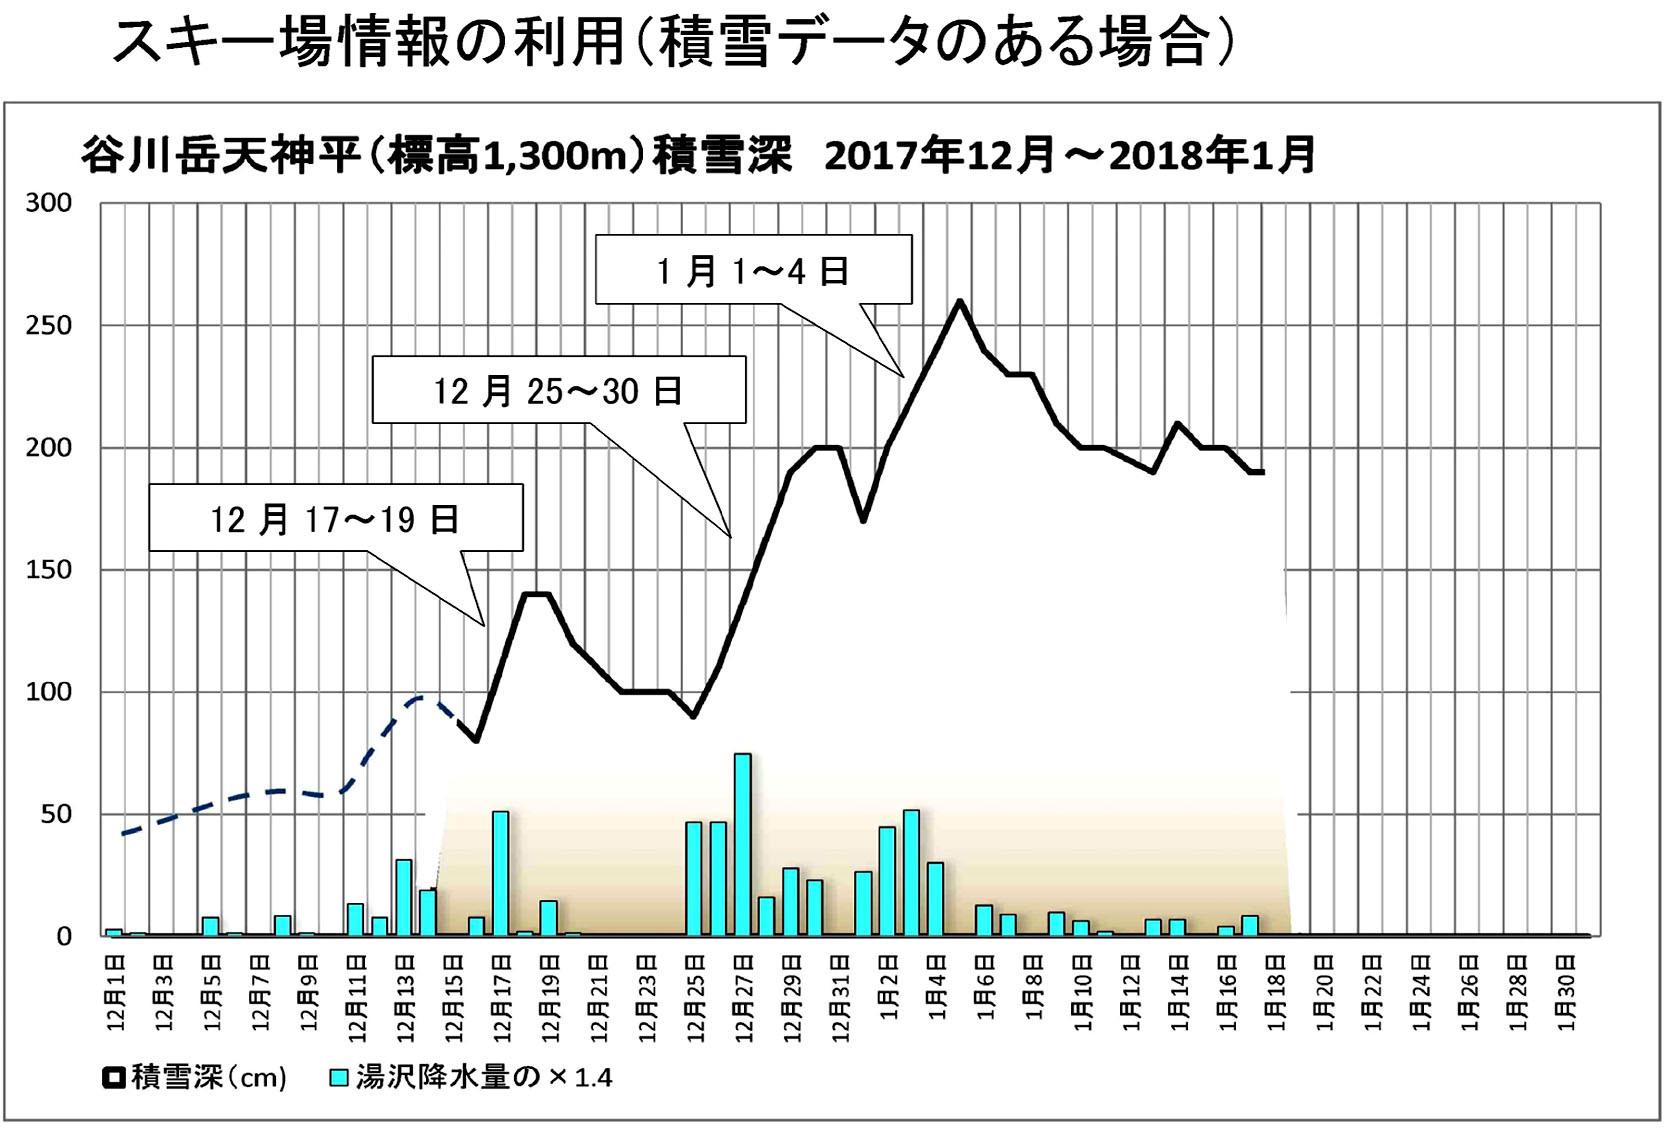 関東雪崩(35)